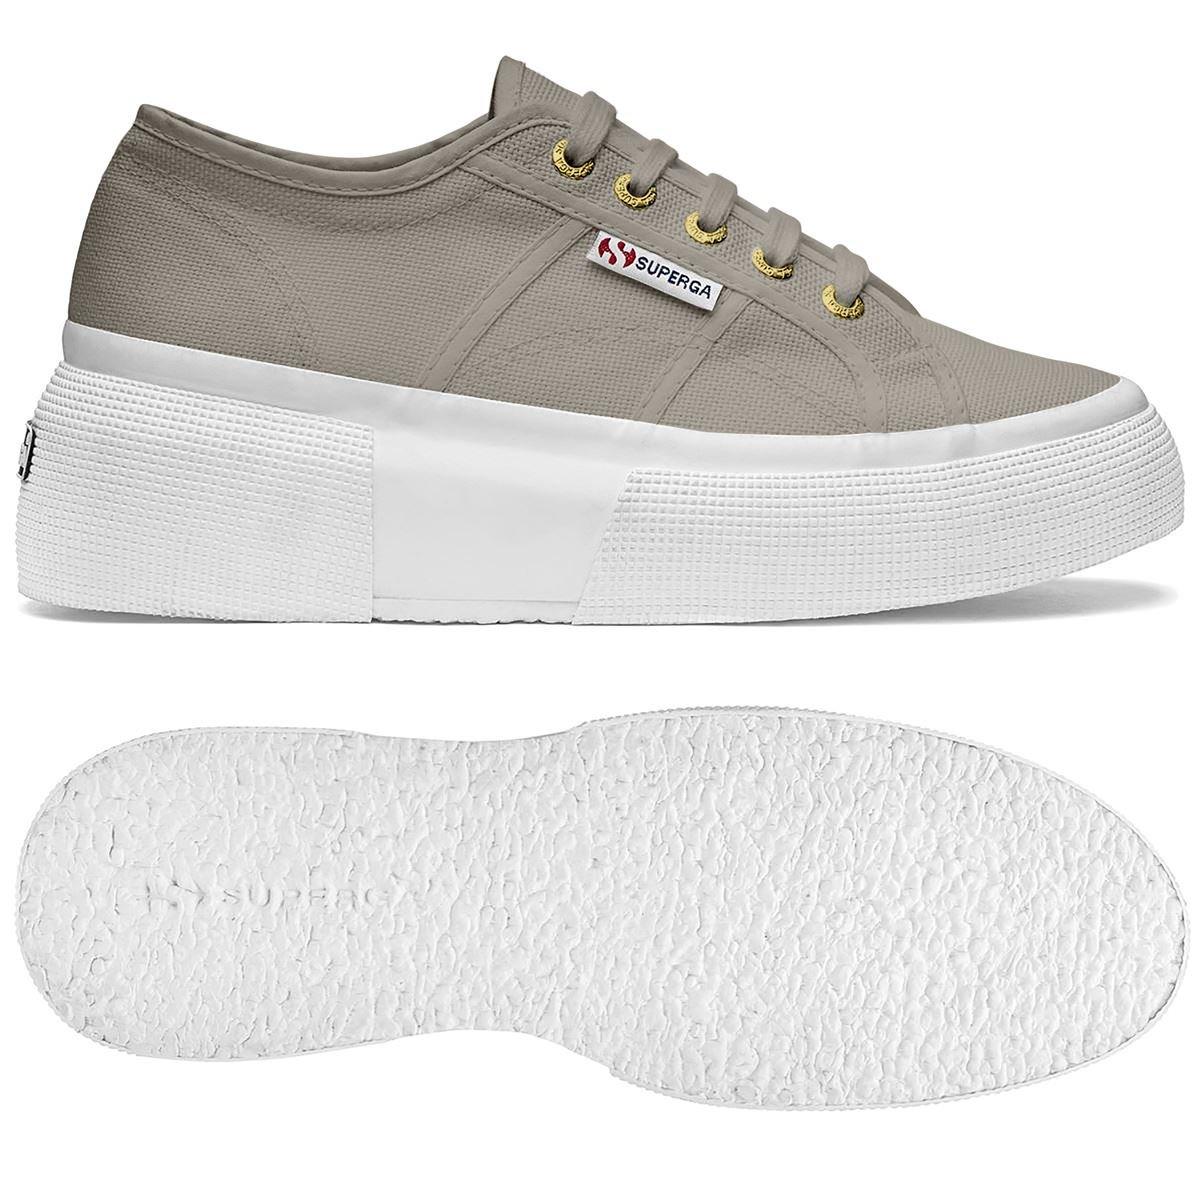 Superga Donna 2287-Cotw, Sneaker Donna Superga  Taupe 4011c2